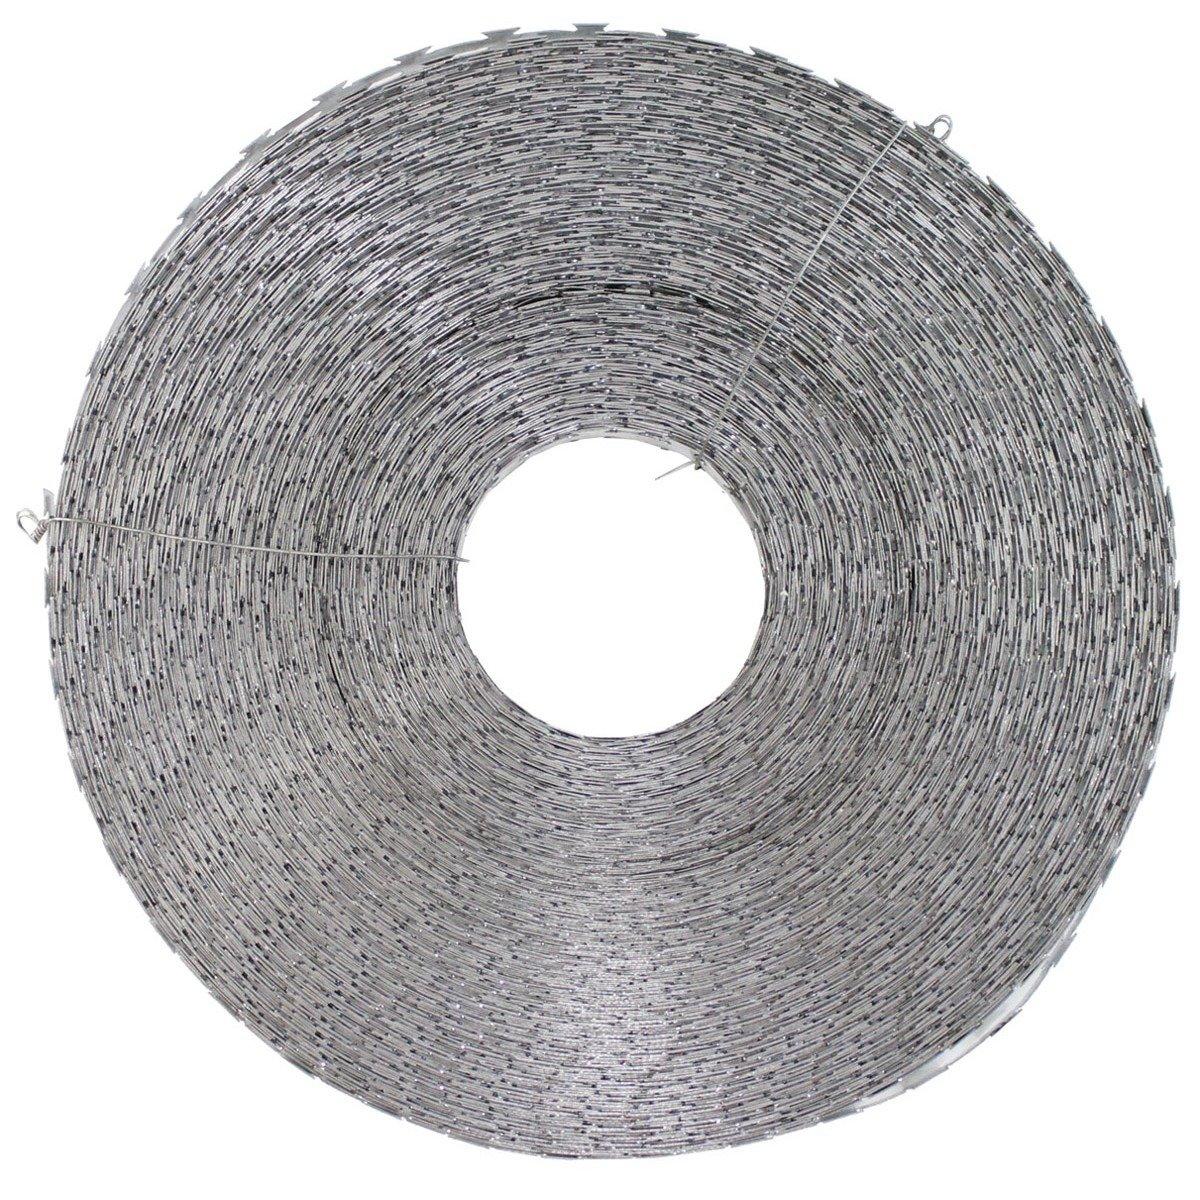 Barbed wire metal m coil diameter cm trekking